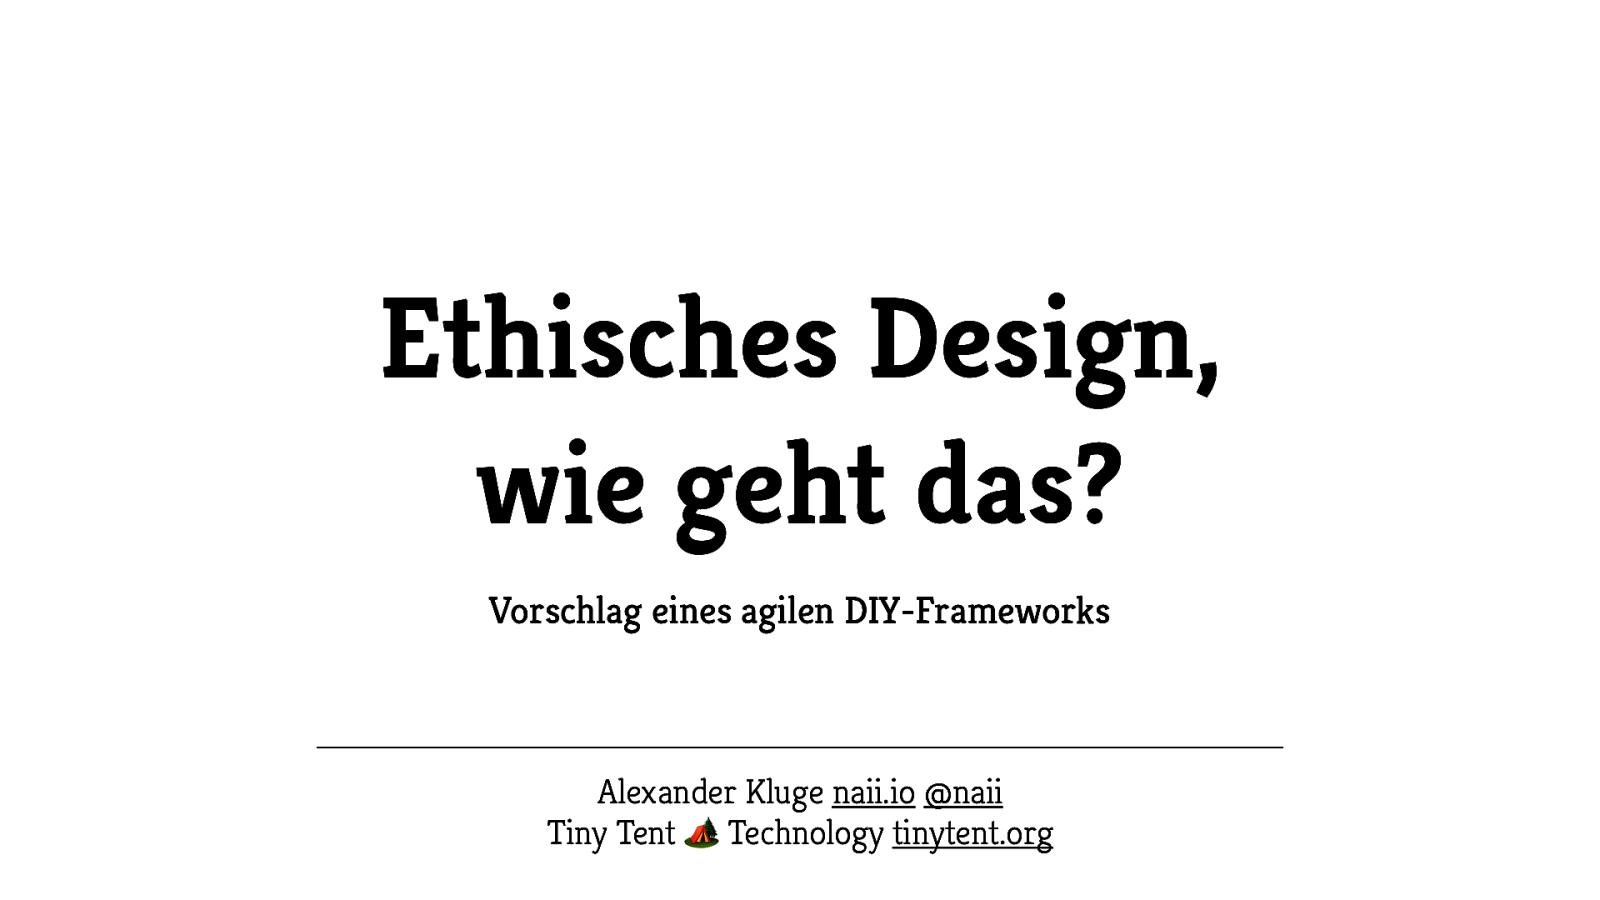 Ethisches Design, wie geht das? Vorschlag eines agilen DIY-Frameworks